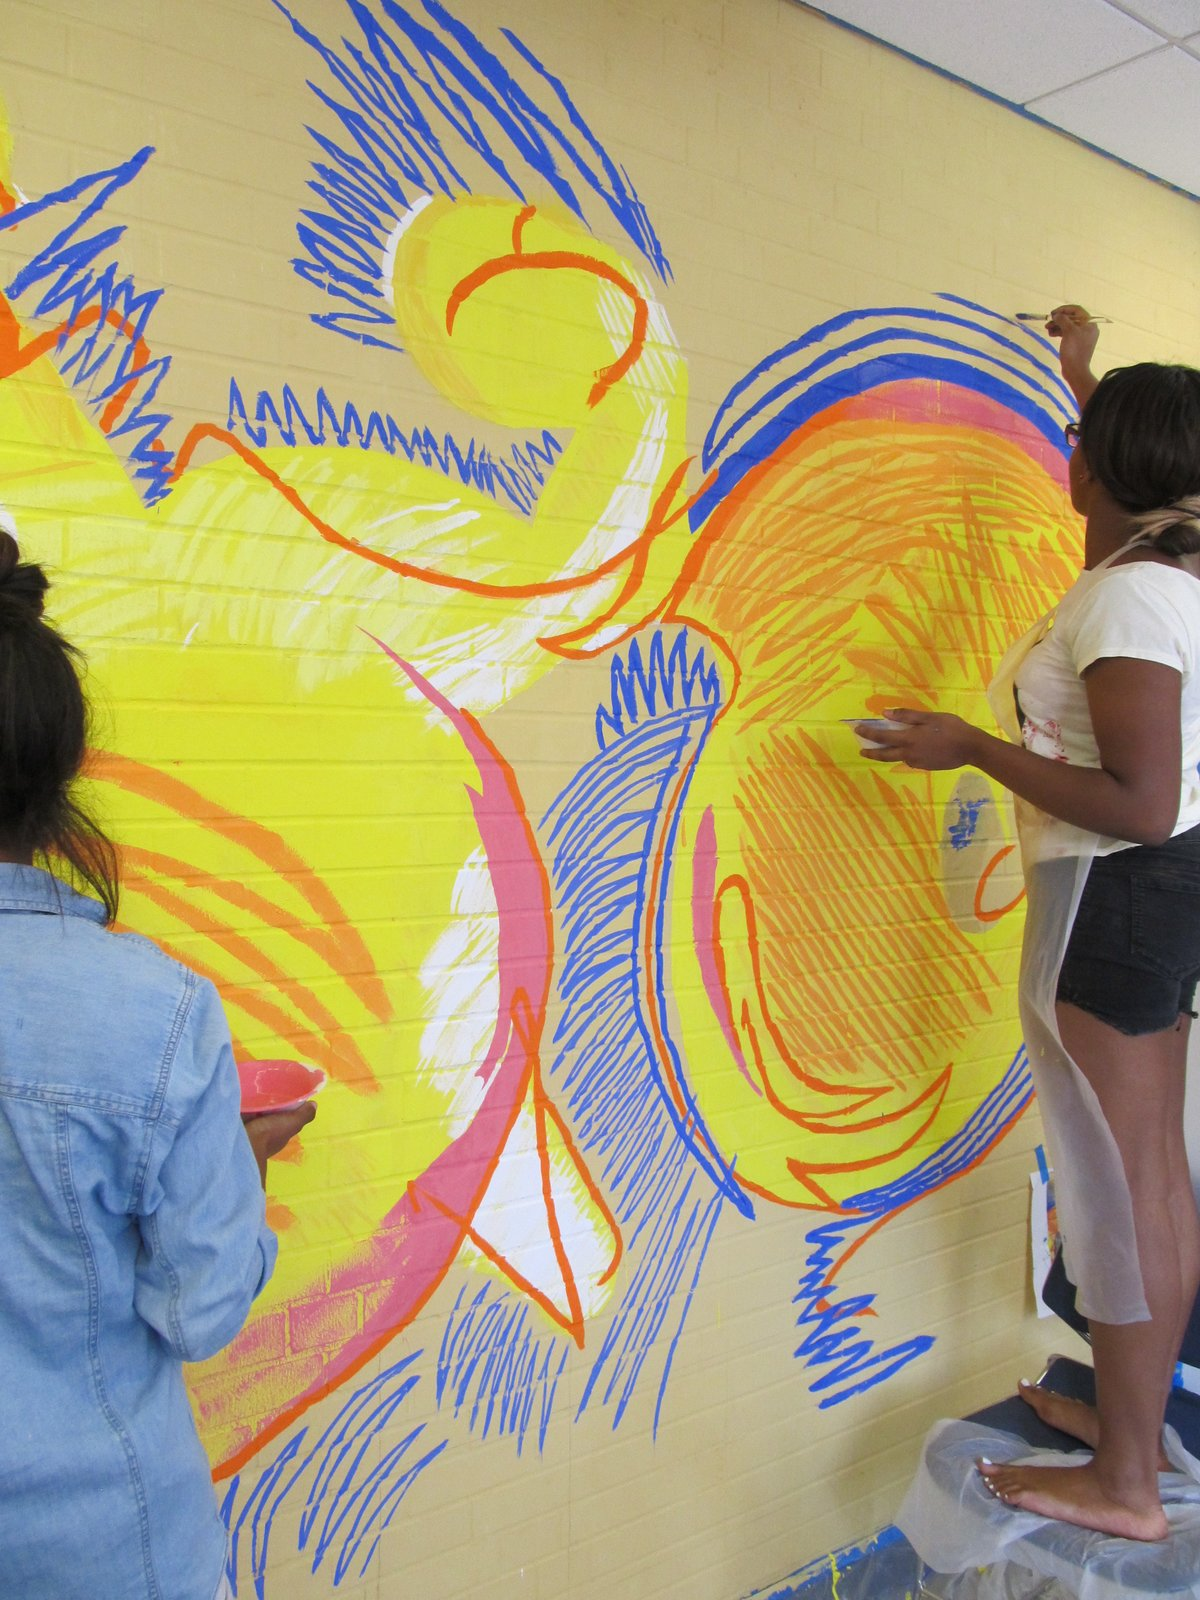 11 Écoles innovantes et modernes où la créativité et la bonne règle de conception - Photo 5 de 11 - Après avoir conçu une poignée d'écoles élémentaires dans le secteur du Connecticut, Svigals + Partners a travaillé à la reconstruction de l'école élémentaire Sandy Hook à Newtown, dans le Connecticut.  L'entreprise a travaillé en étroite collaboration avec la communauté de Newtown sur le processus de conception.